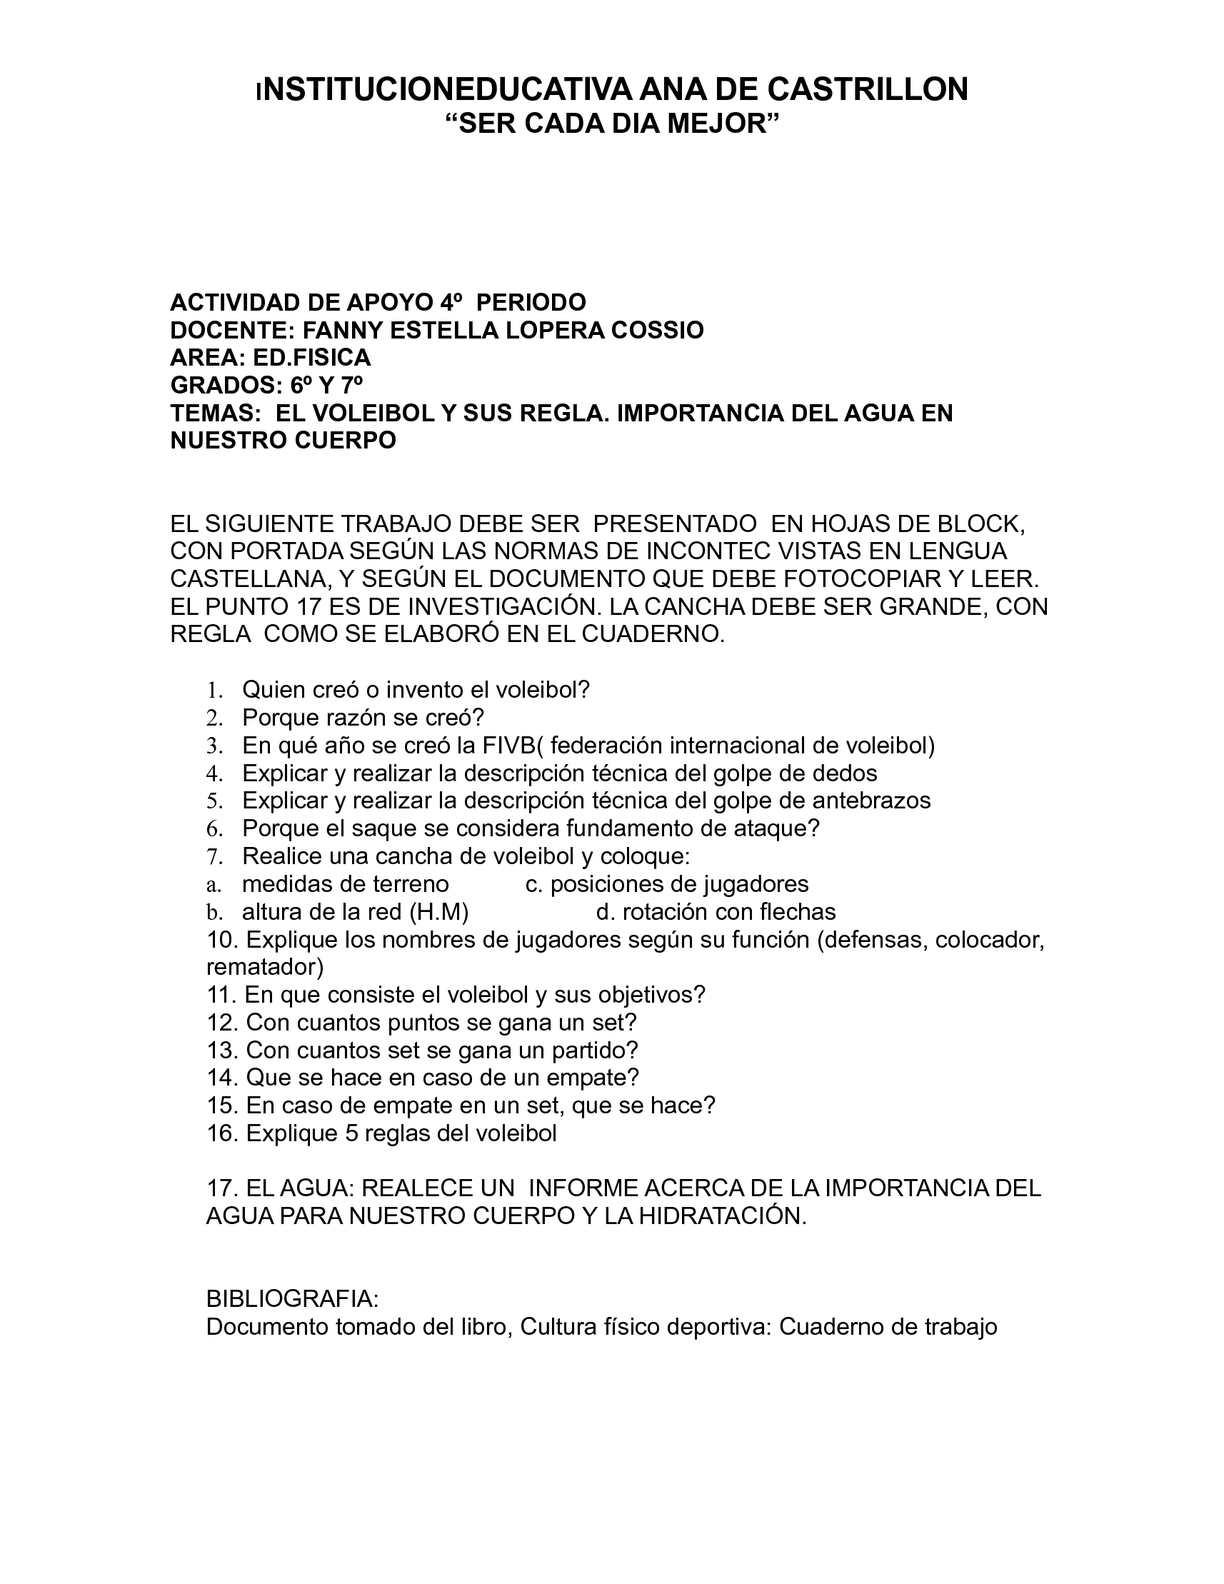 Calaméo - ACTIVIDAD DE APOYO 4 PERIODO 6 Y 7